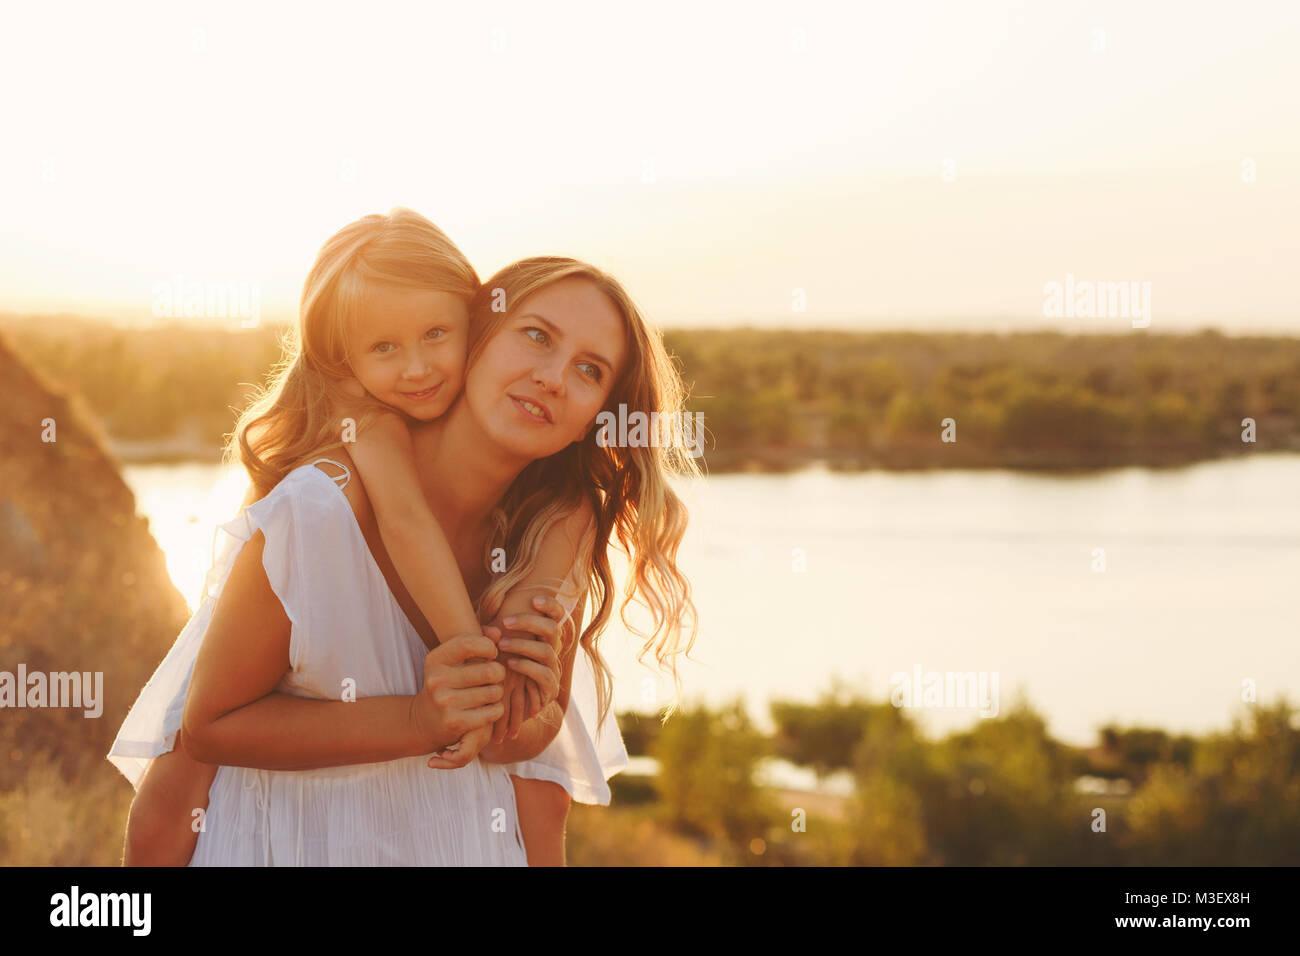 Famiglia, Madre e figlia sulla sponda del fiume. Una ragazza porta sua figlia sulle spalle di un piggyback. Le ragazze Immagini Stock